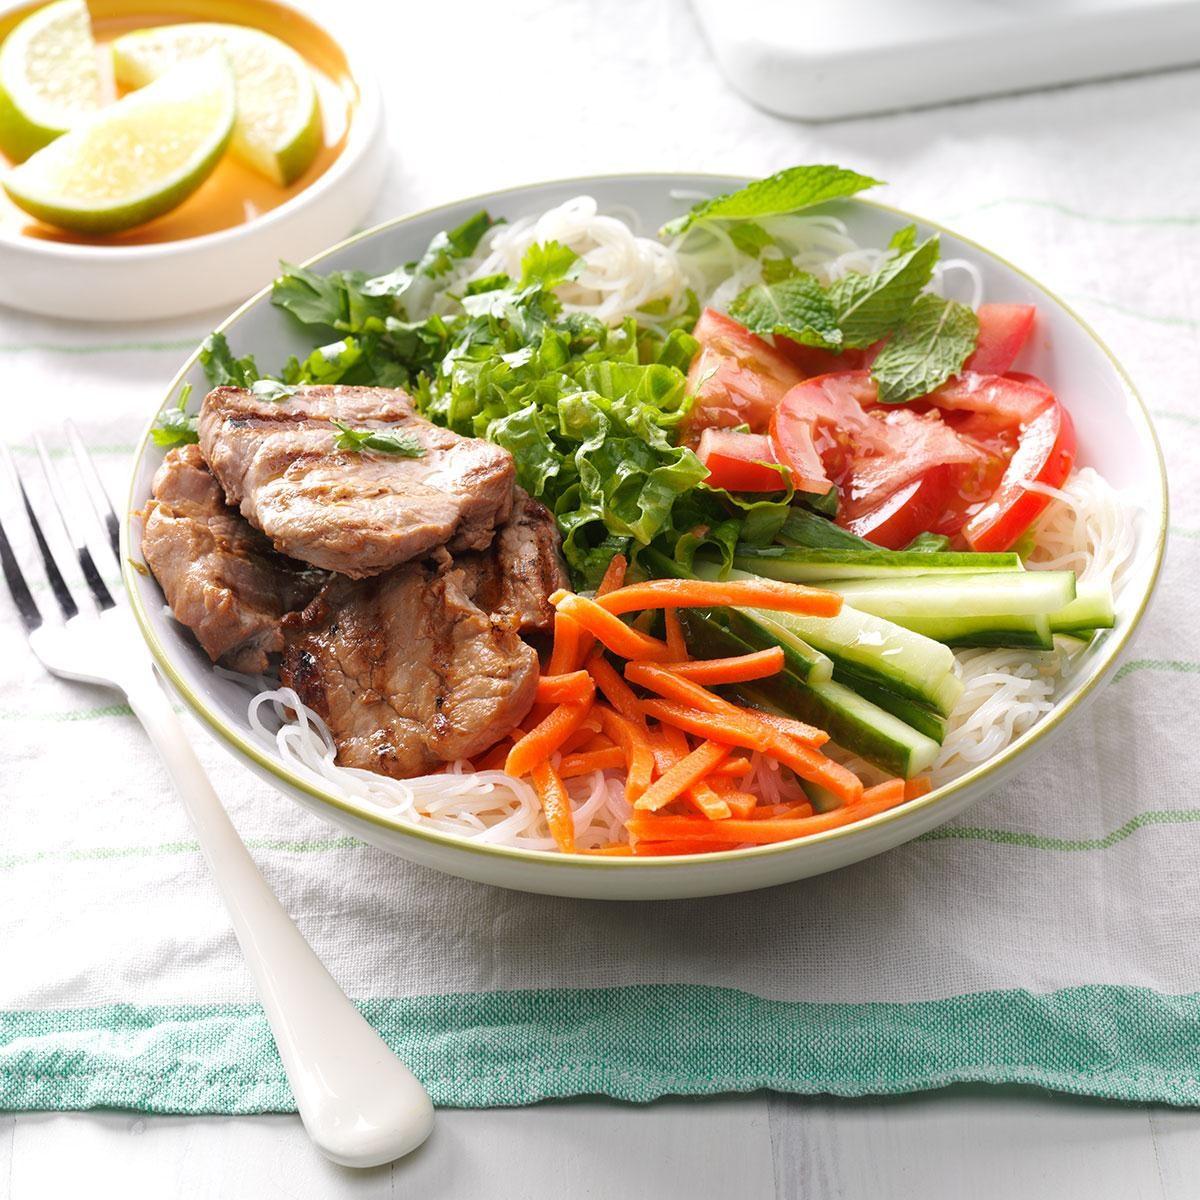 Grilled Pork Noodle Salad